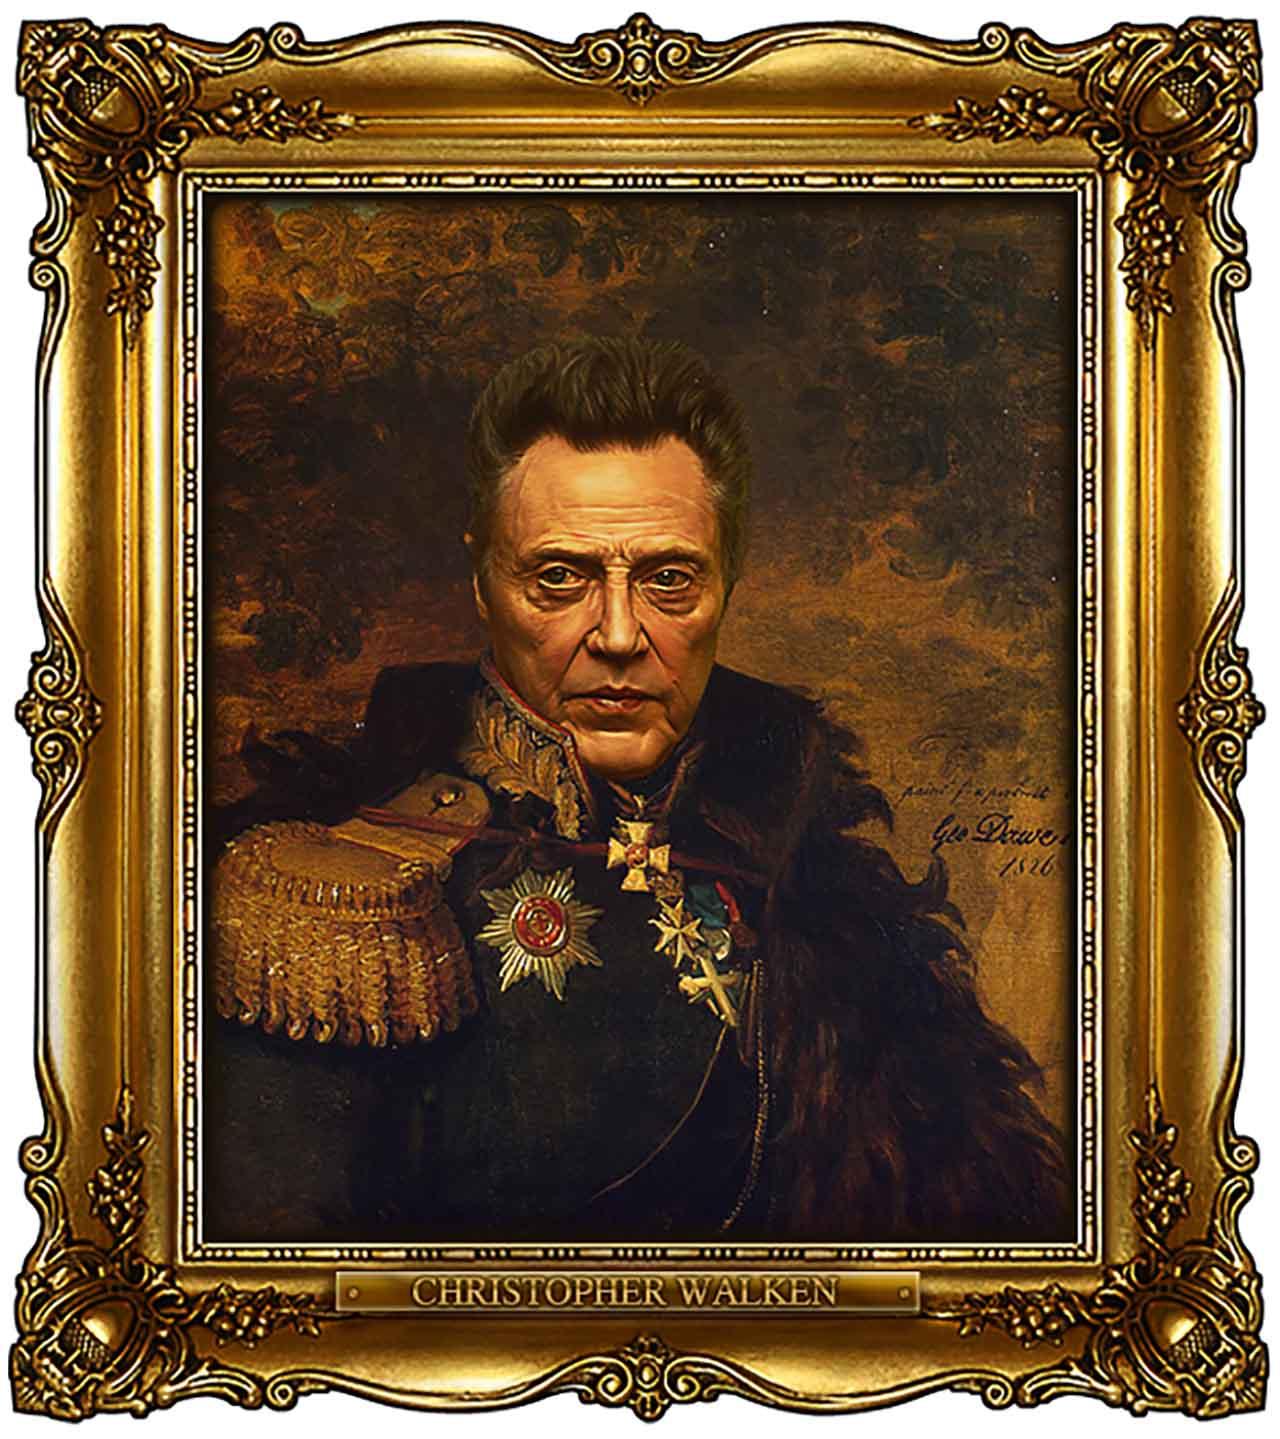 Artist Turns Famous Actors Into Russian Generals - Christopher Walken